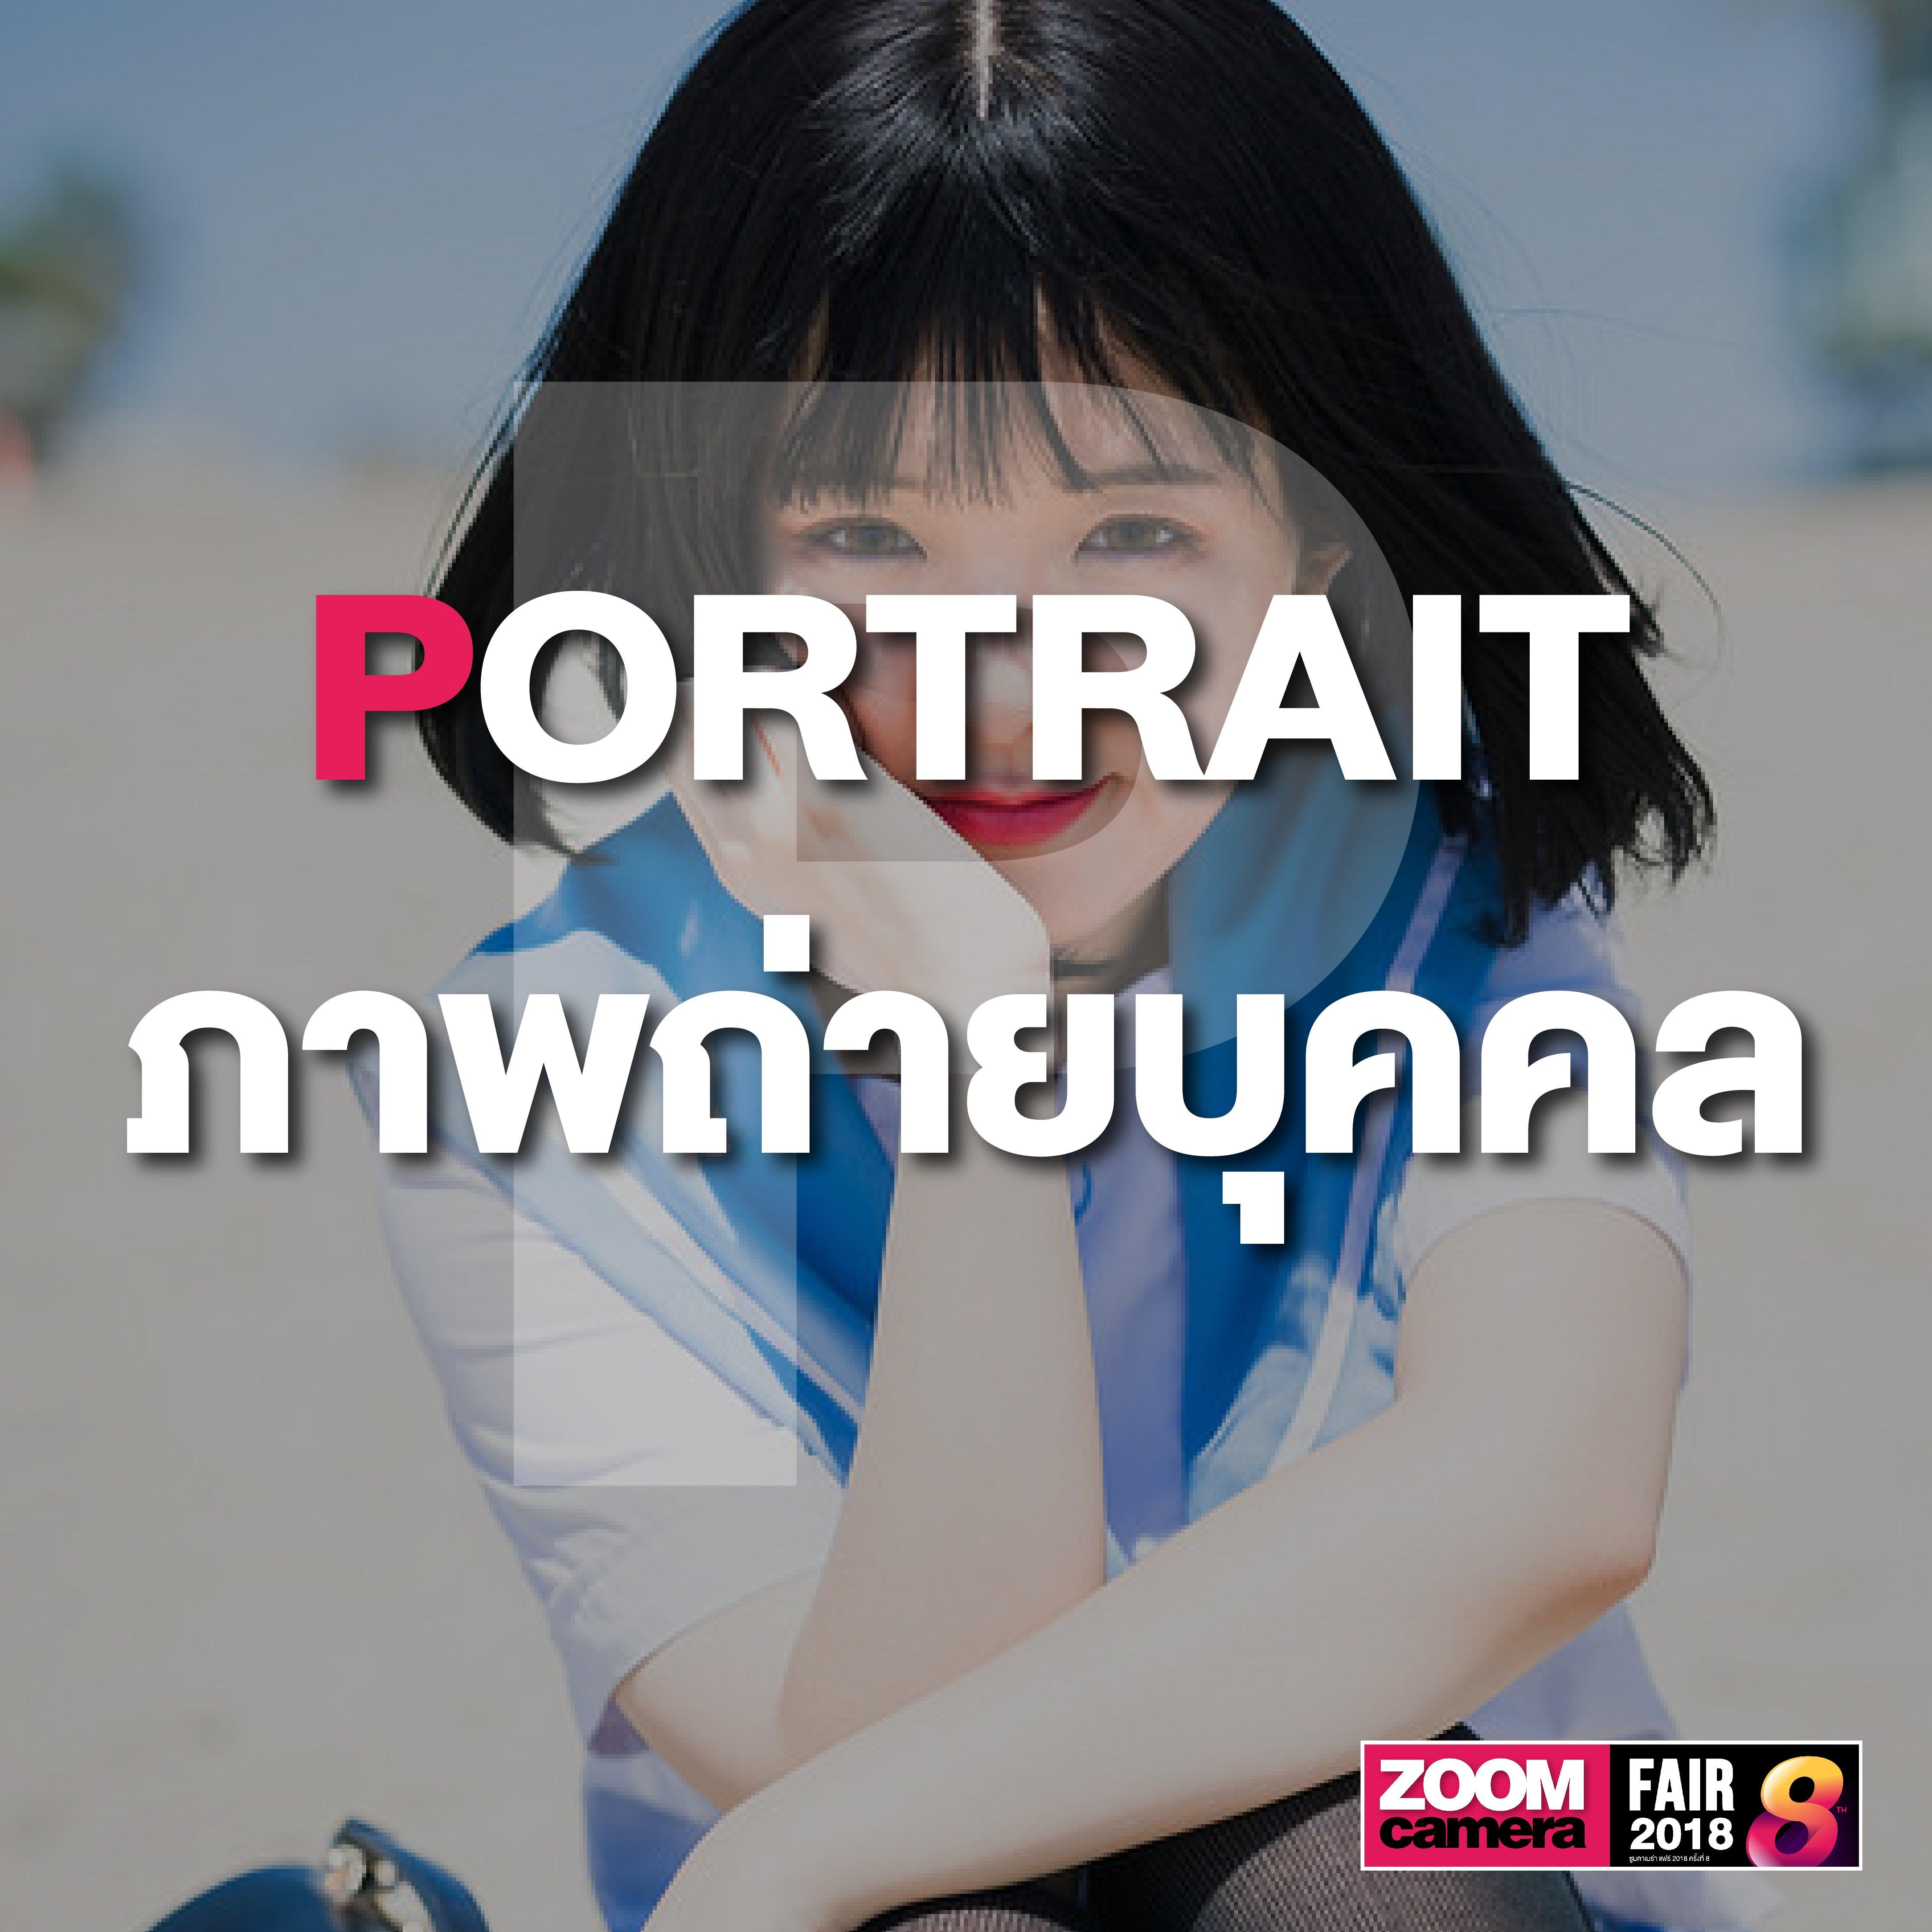 รวม 26 คำศัพท์ช่างภาพน่ารู้ Photography A to Z